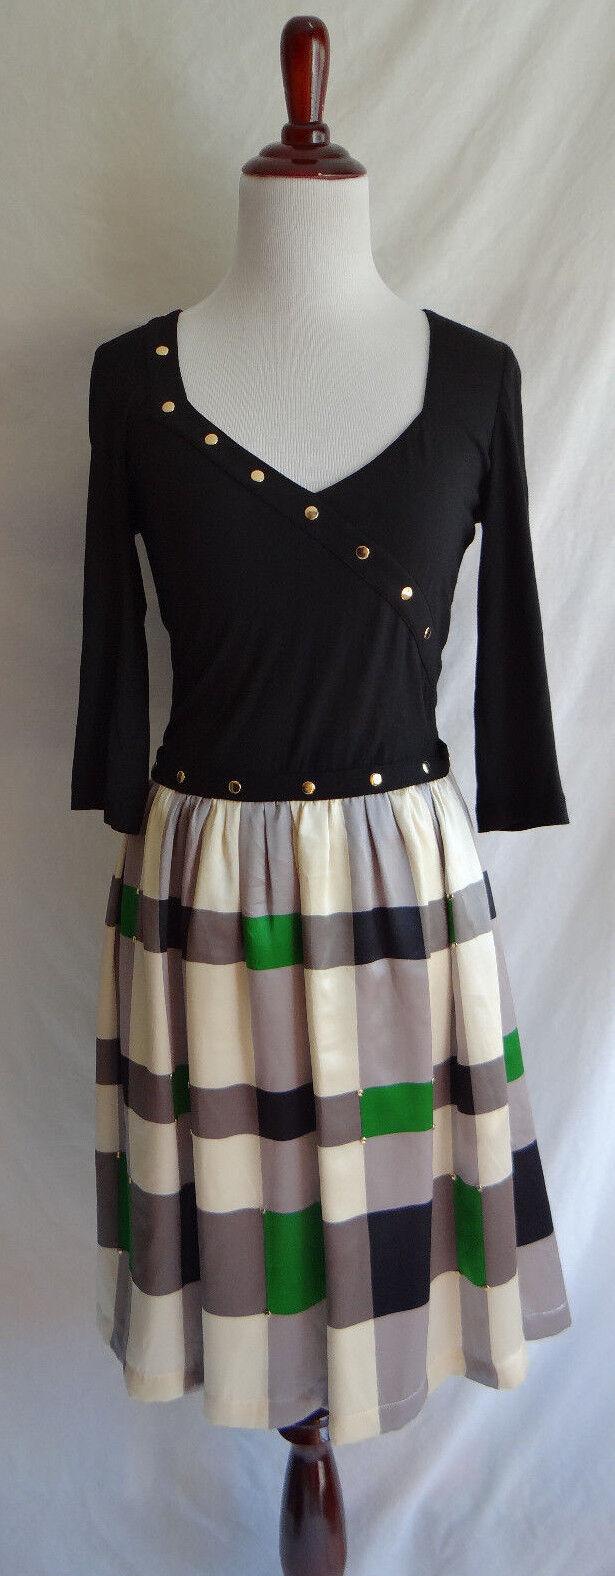 Anthropologie Lauren Moffatt 4 Preppy Boho Dress gold Stud Accent Plaid Skirt